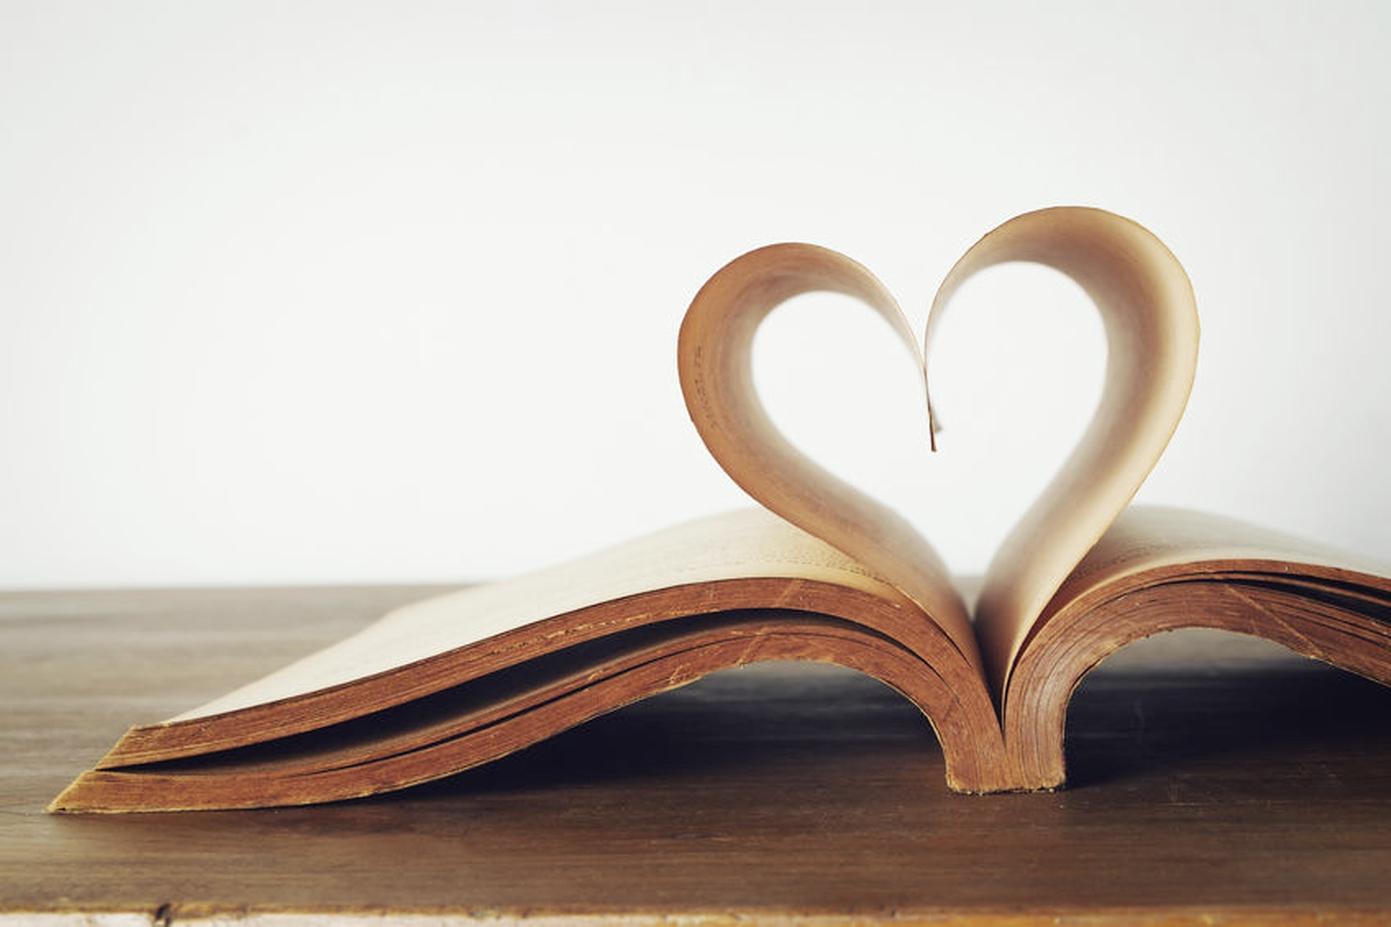 Wouter verlangt naar oudere vrouwen | Over Liefde